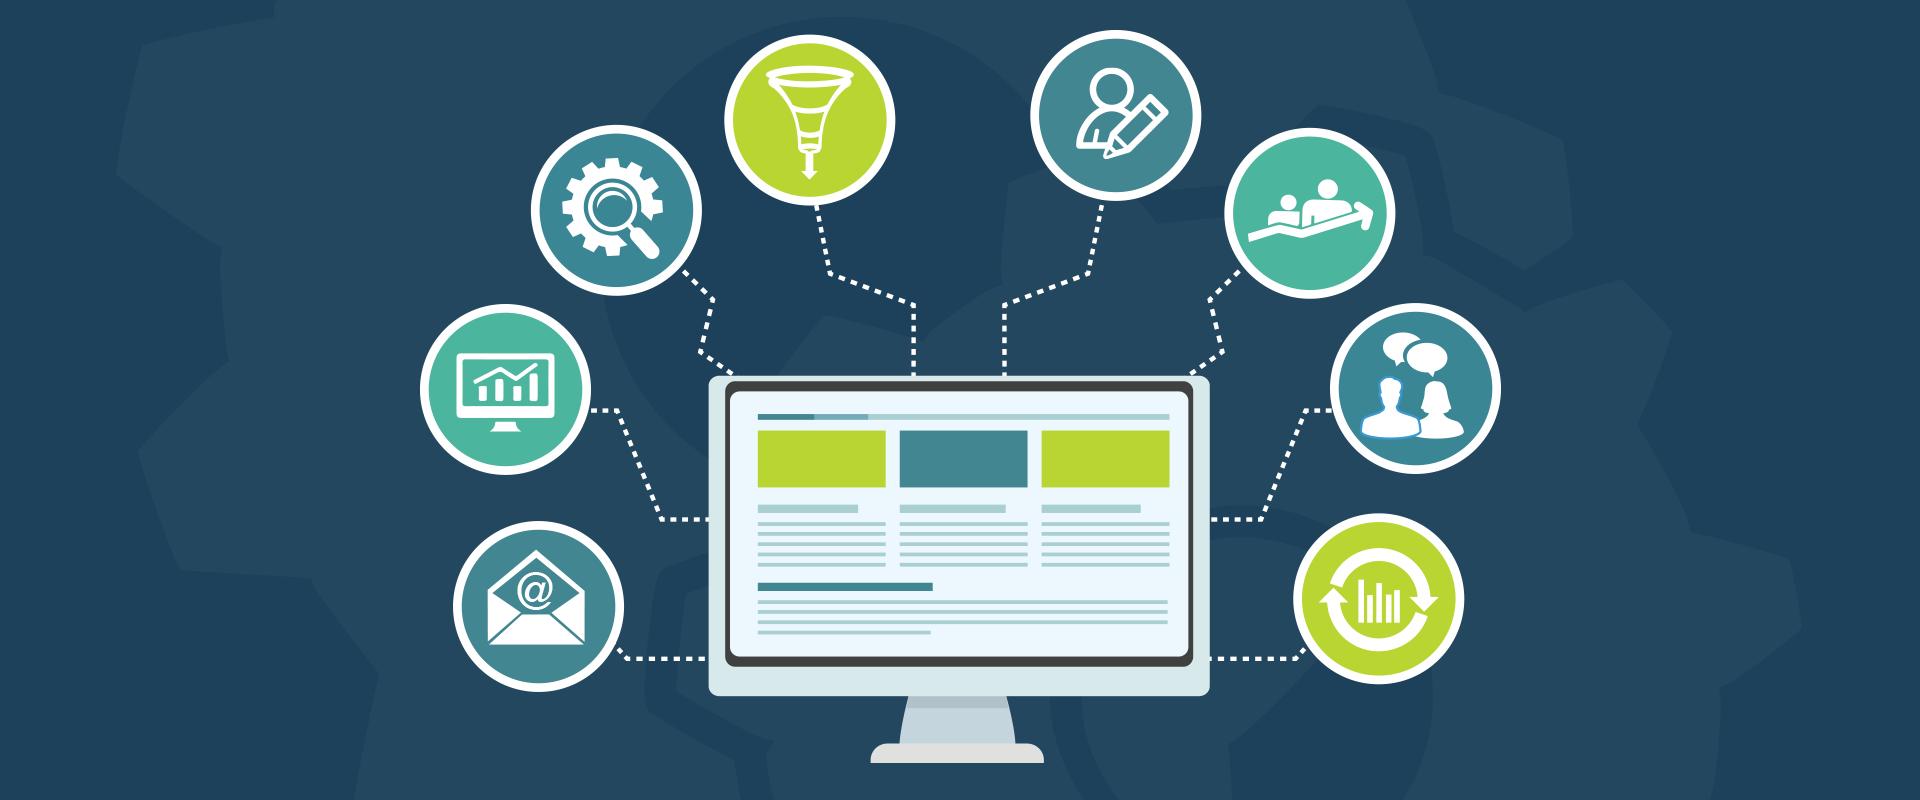 Điểm danh những công cụ hỗ trợ Digital Marketing mà các marketer cần biết -  Blog Minara